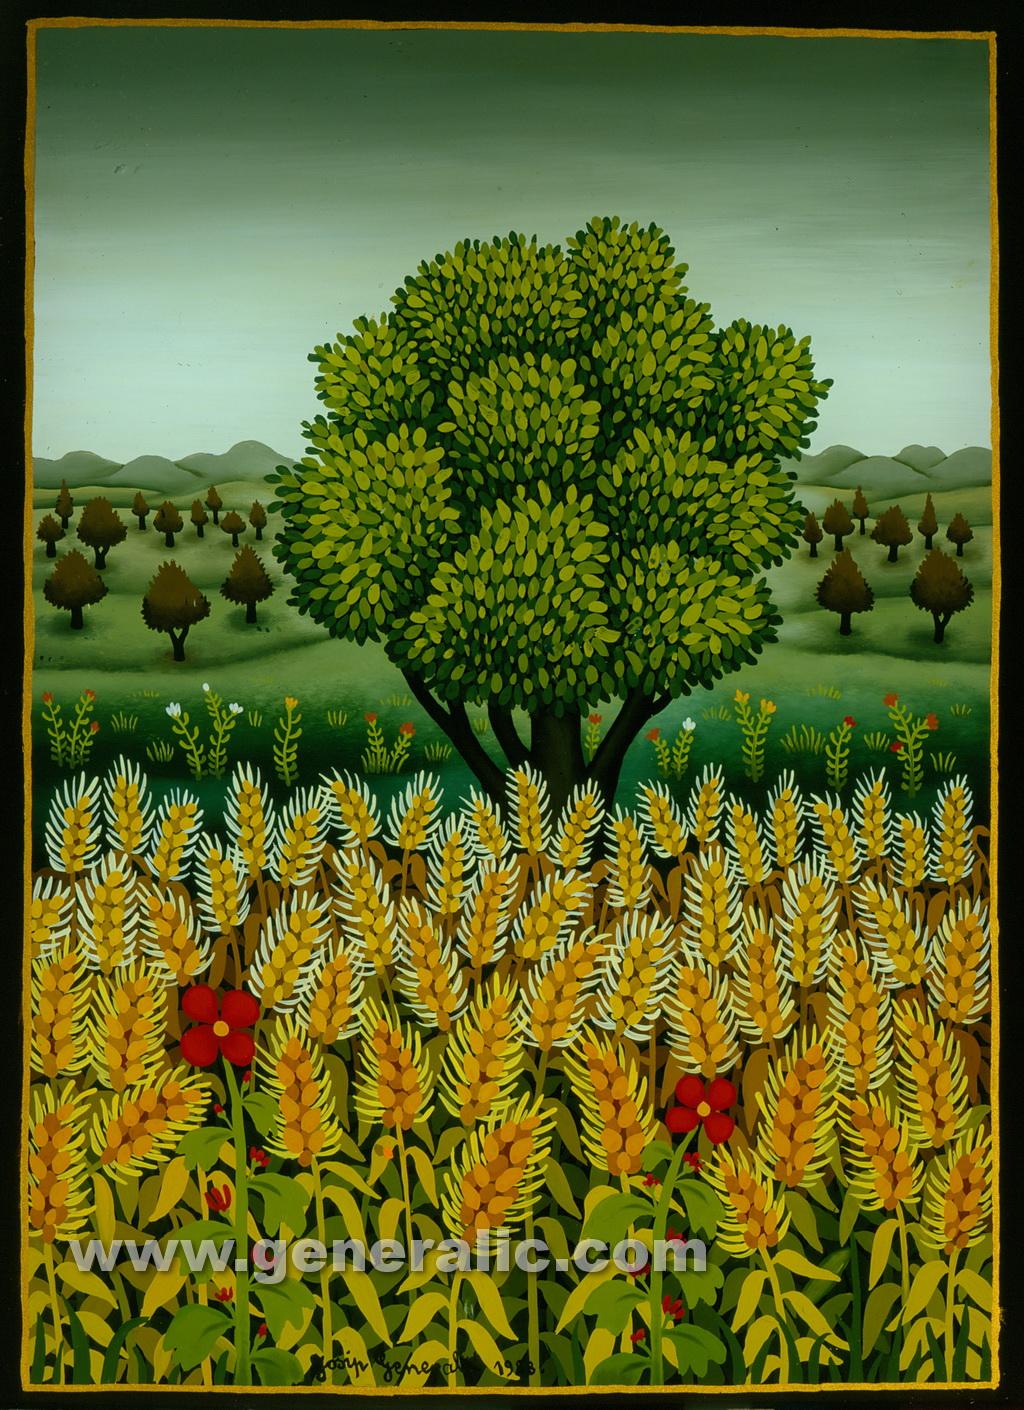 Josip Generalic, 1988, Hay field, oil on glass